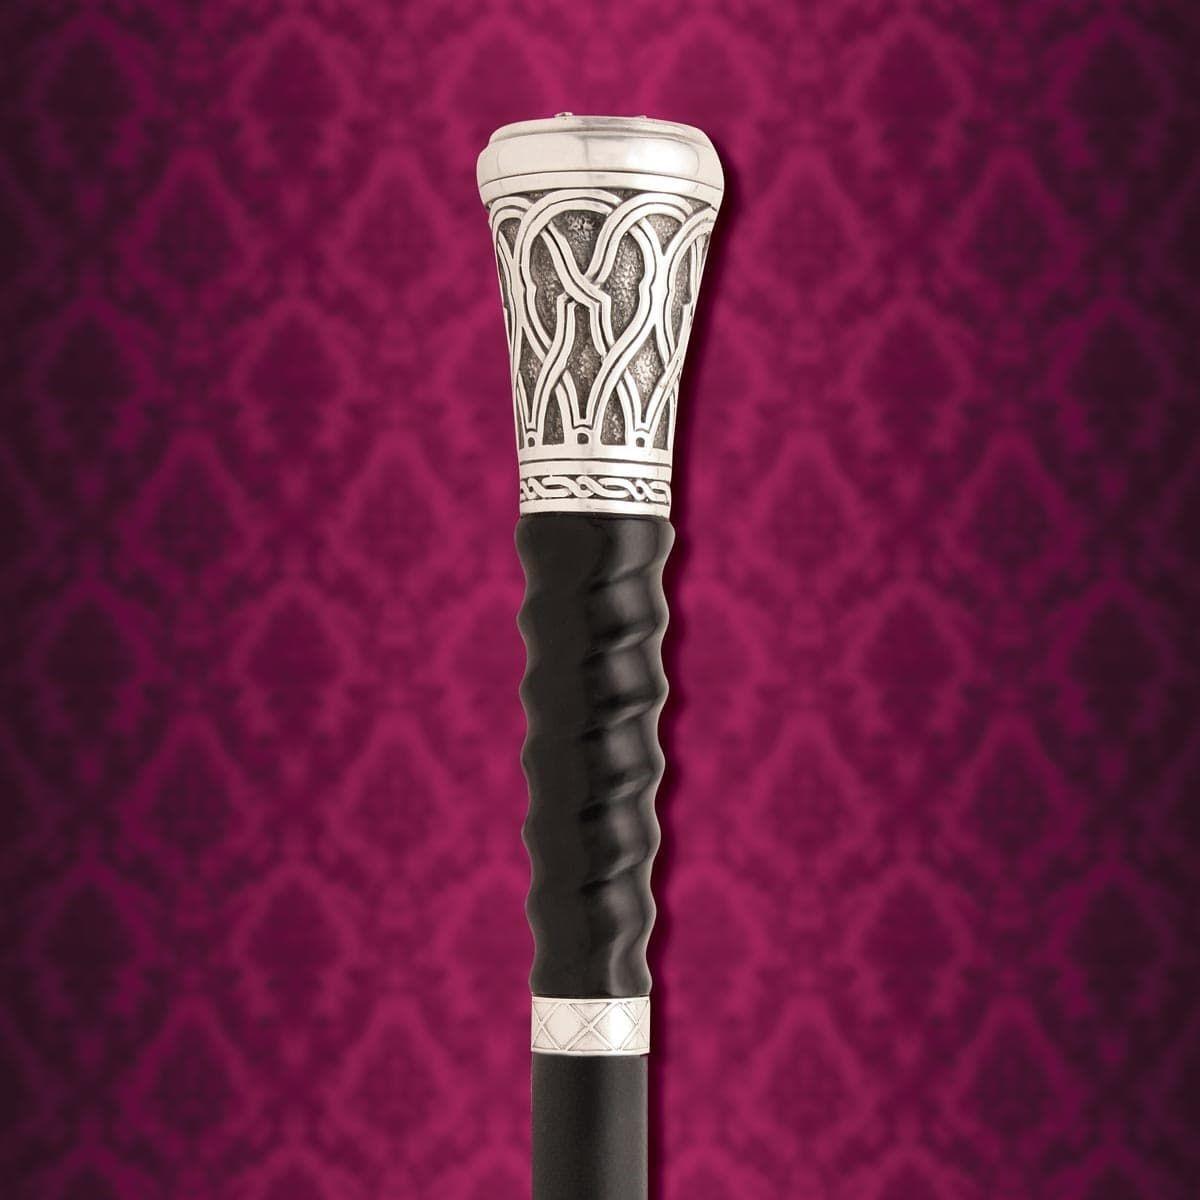 Gambler's Sword Cane Spiral Carved Black Horn Handle